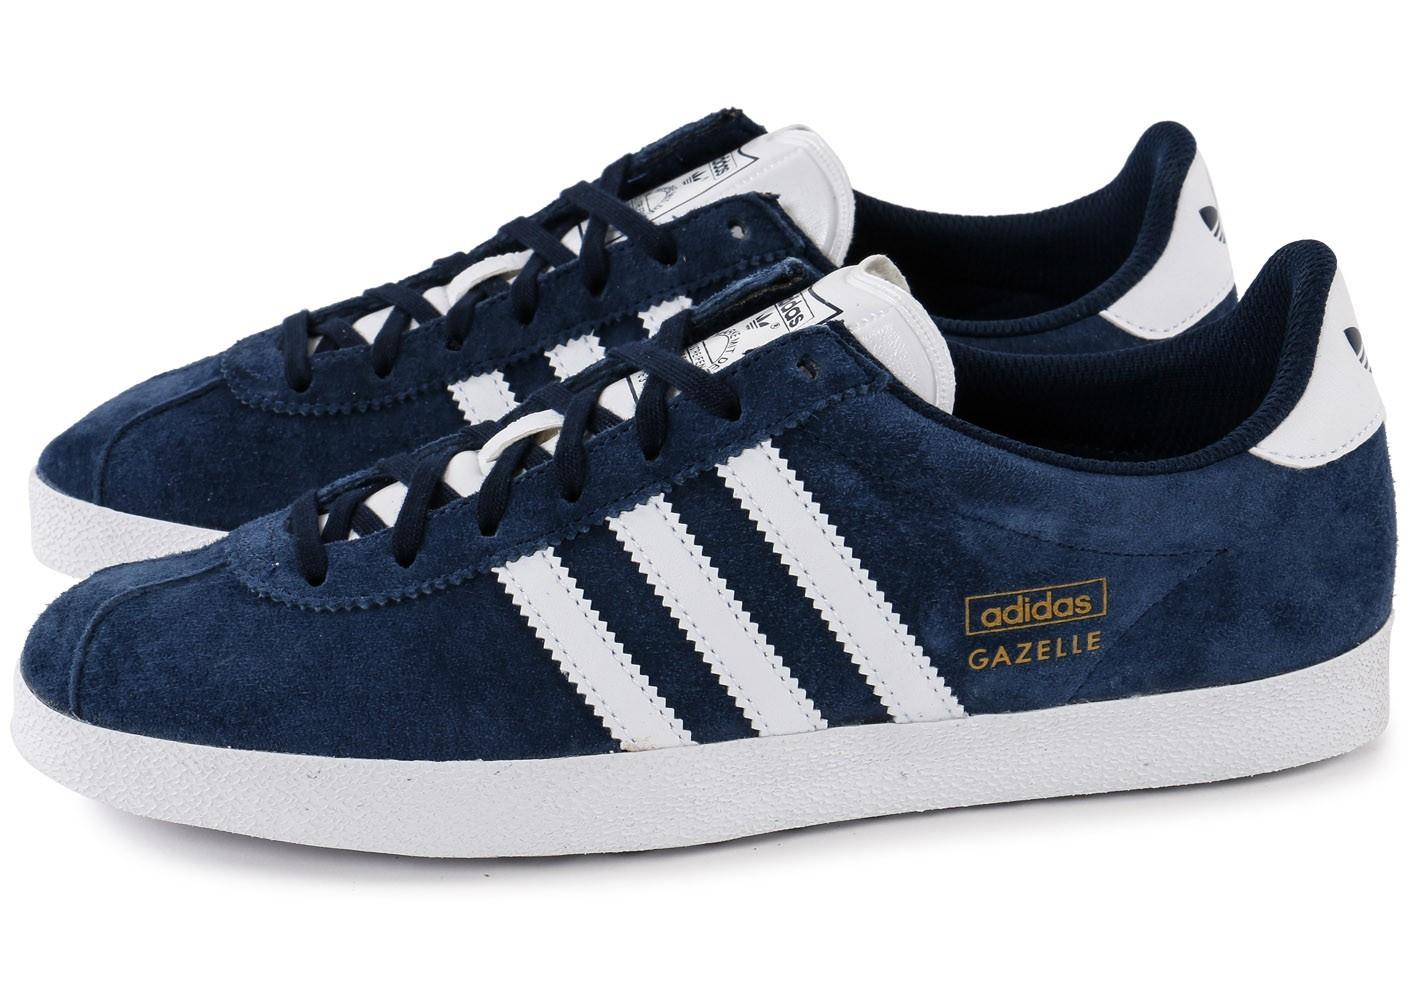 adidas gazelle homme bleu 42